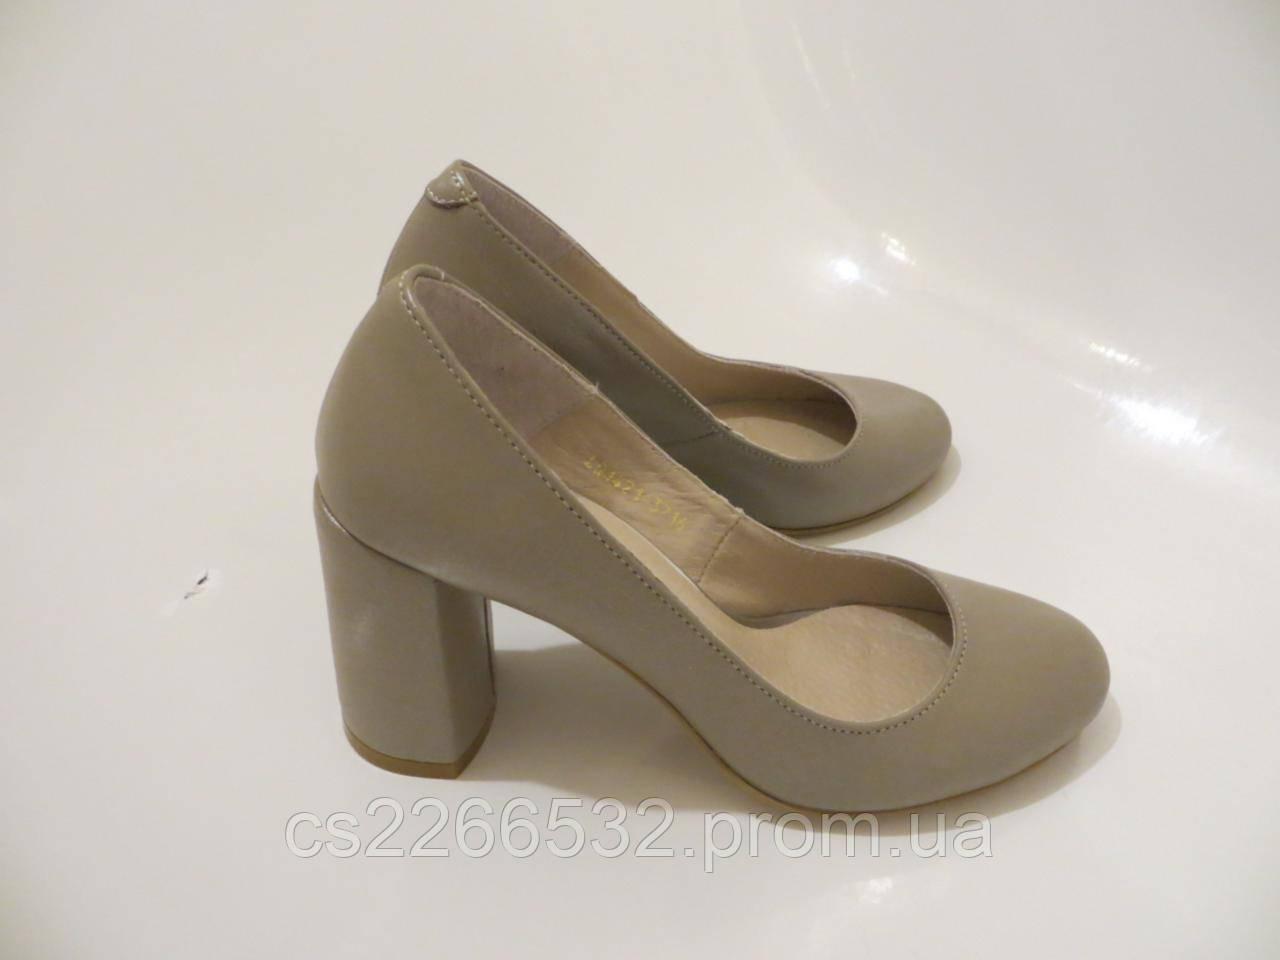 4b229c713a90 Кожаные туфли на каблуке бежевого цвета